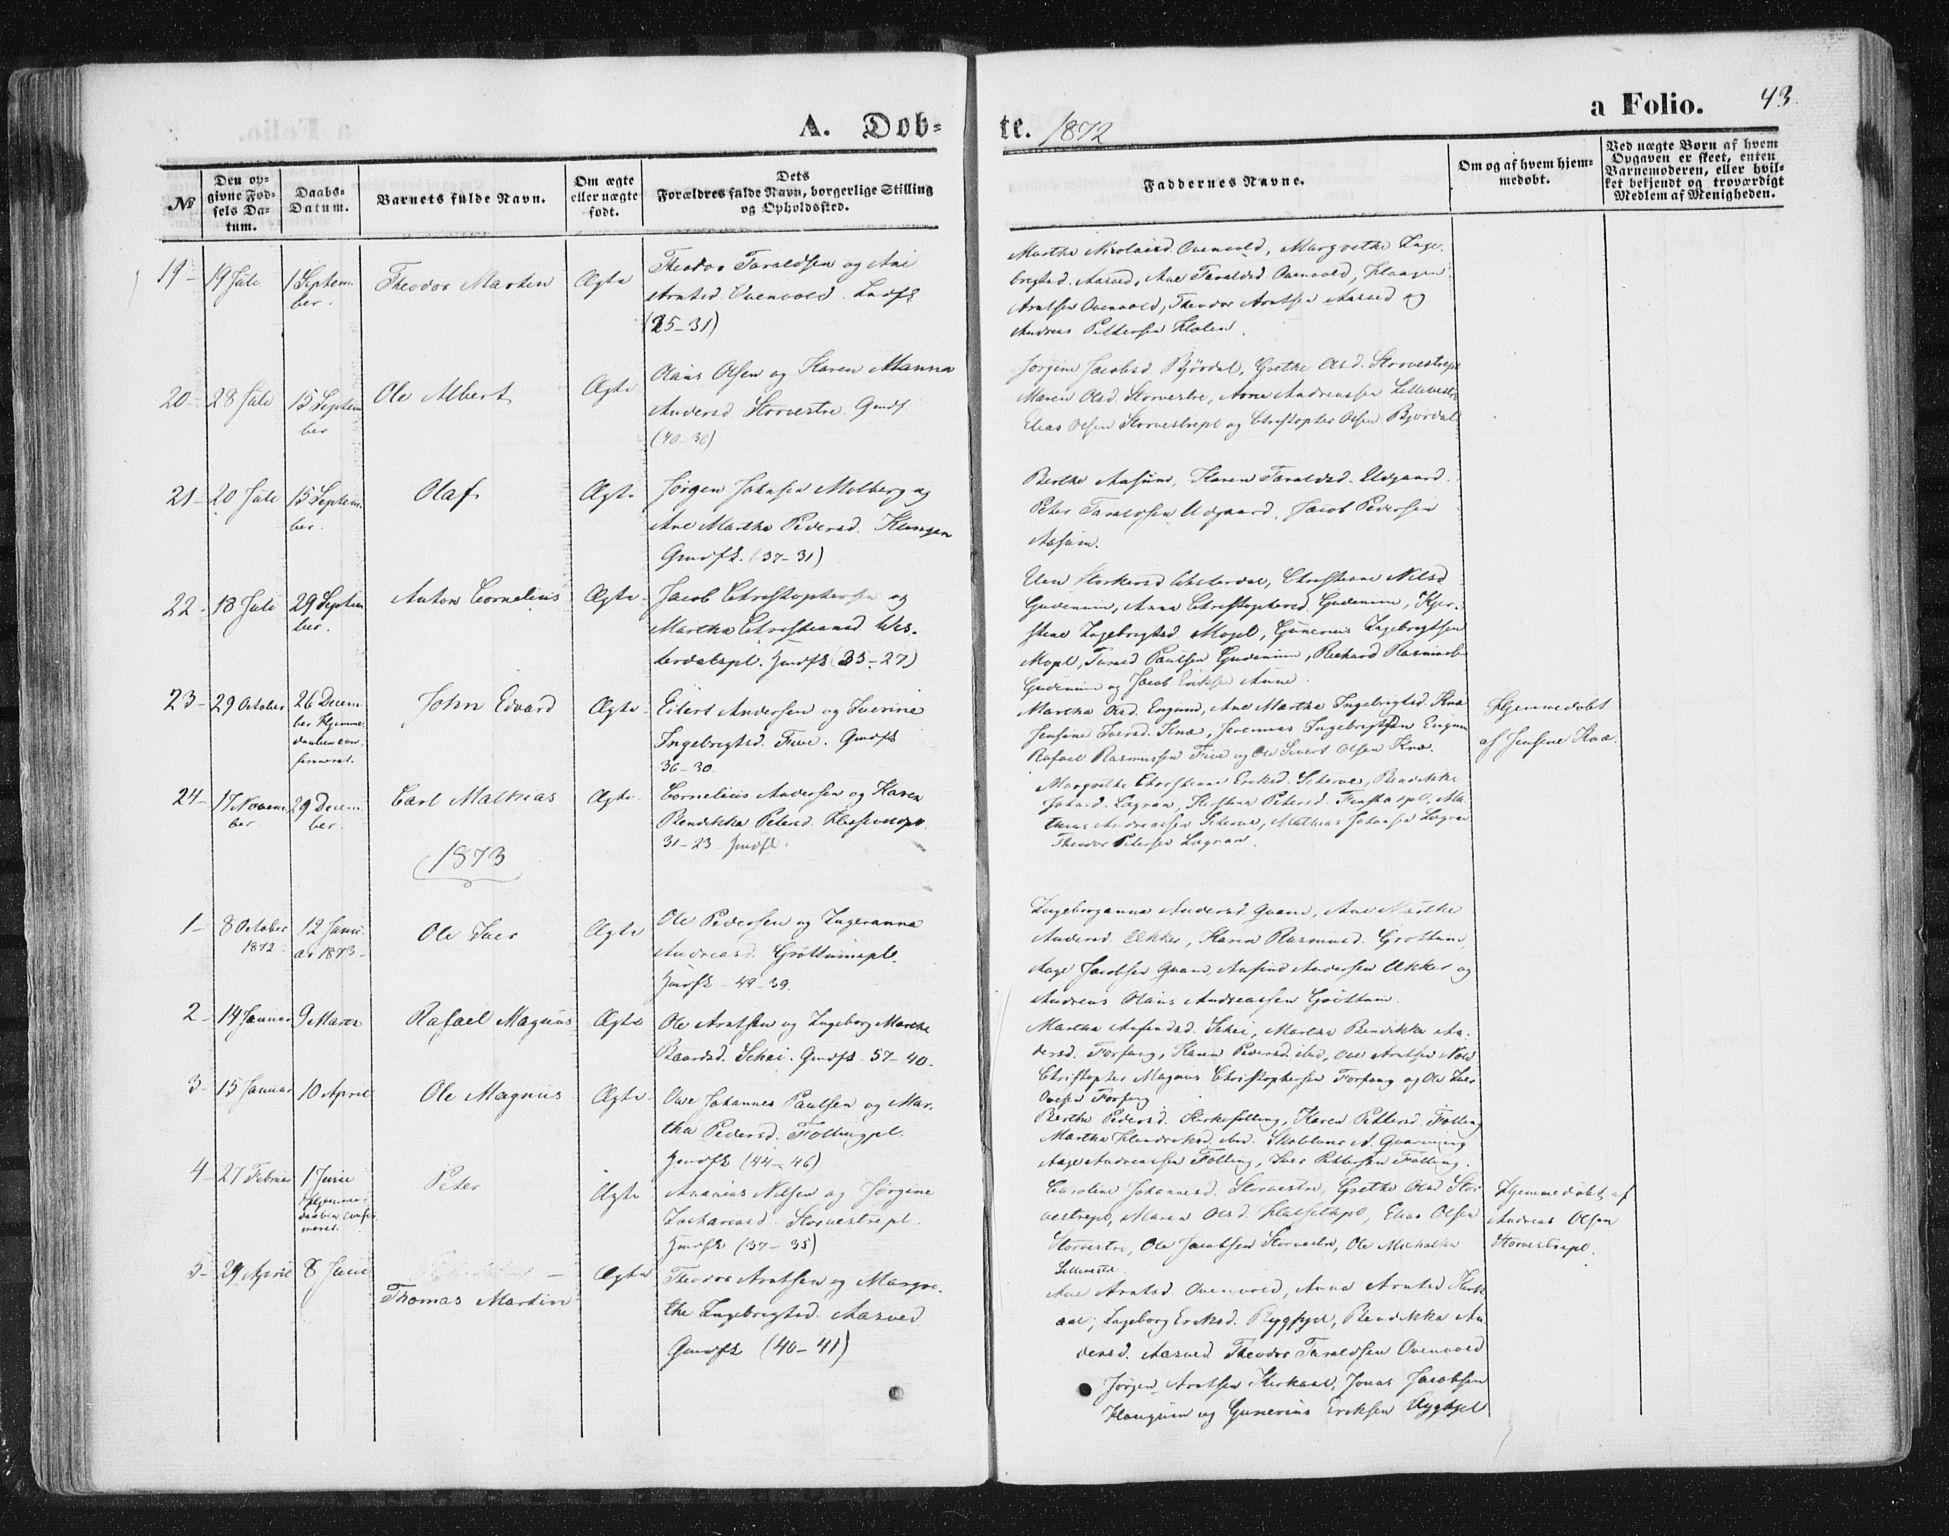 SAT, Ministerialprotokoller, klokkerbøker og fødselsregistre - Nord-Trøndelag, 746/L0447: Ministerialbok nr. 746A06, 1860-1877, s. 43